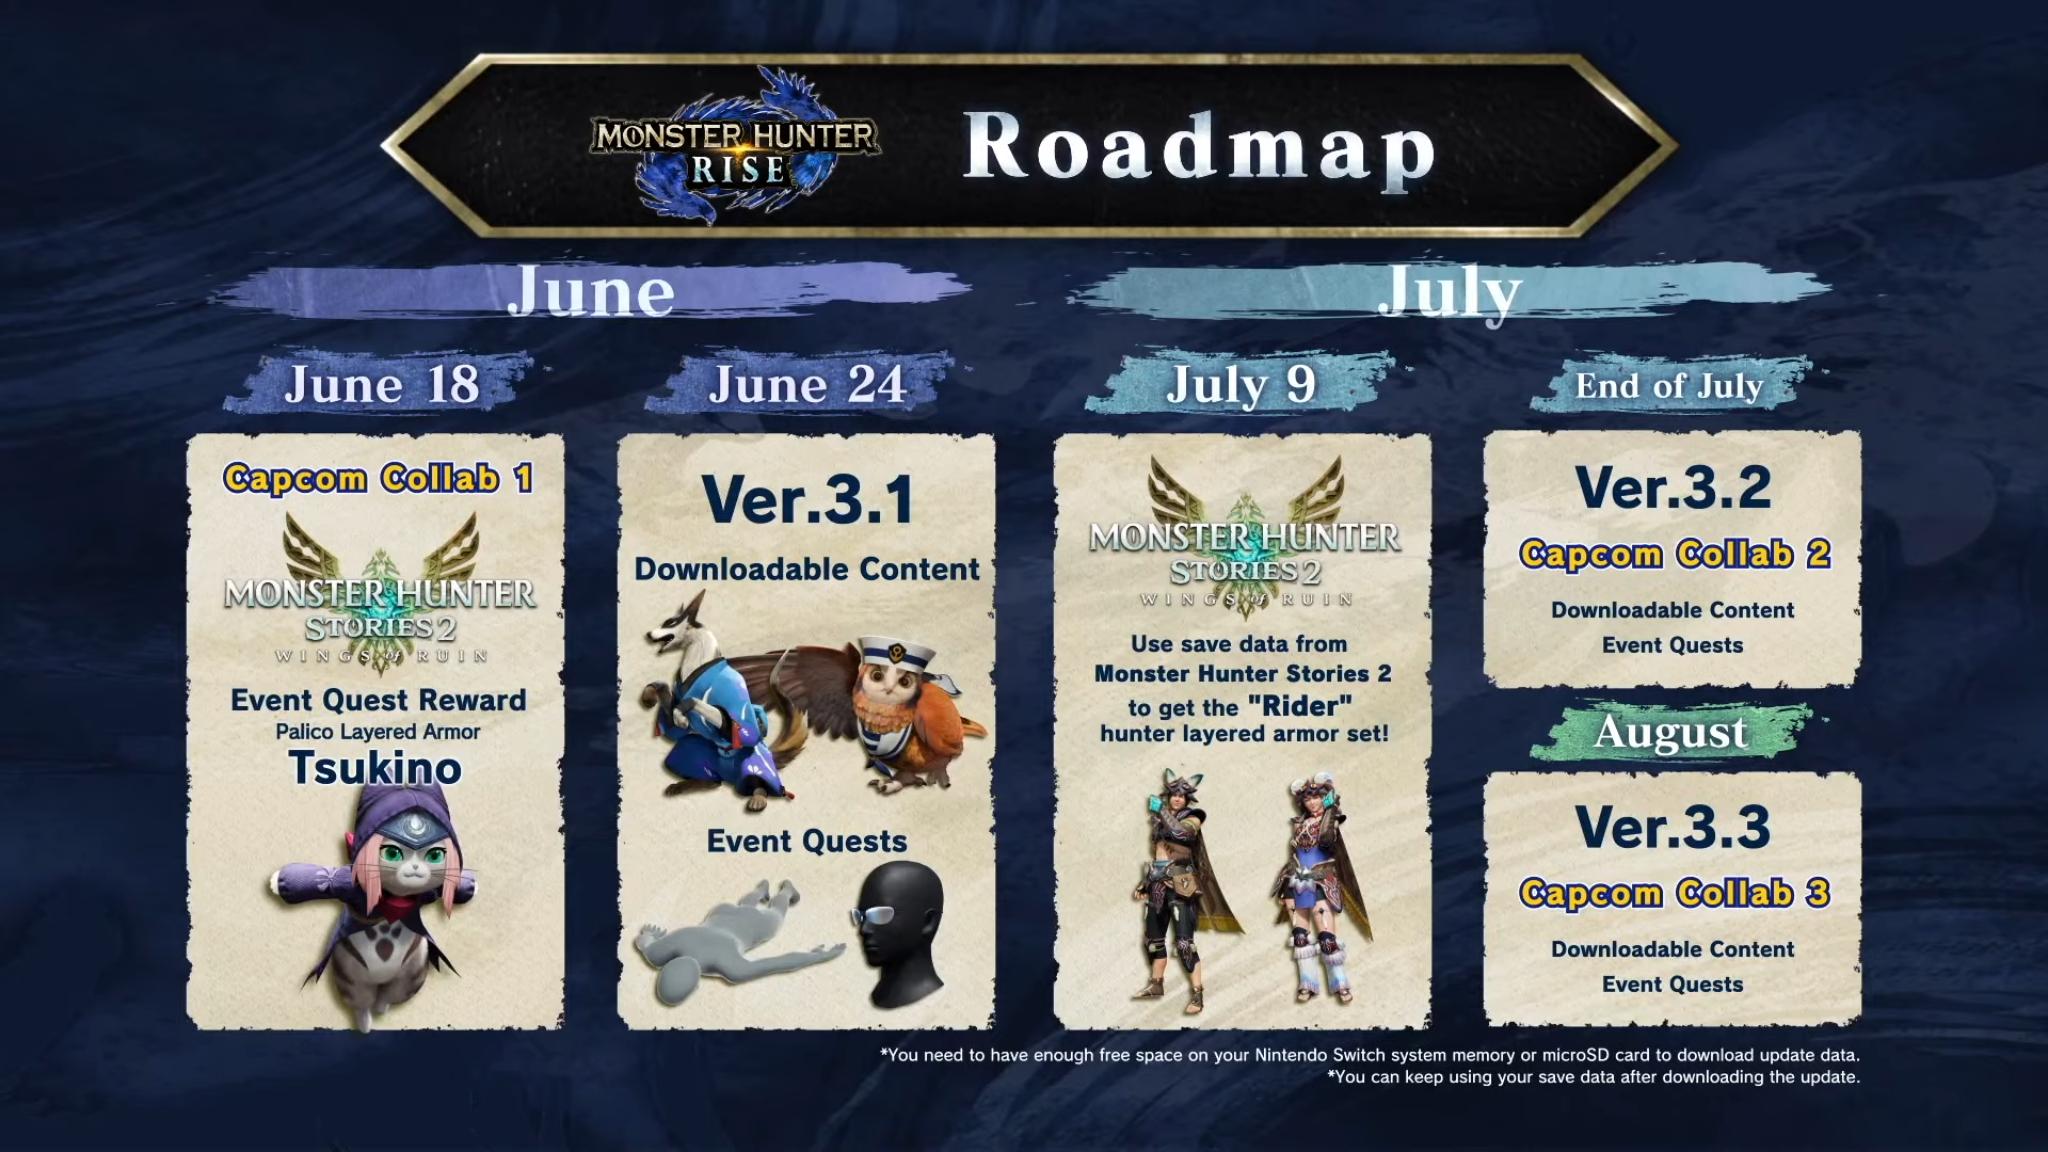 Monster Hunter Rise roadmap 2021